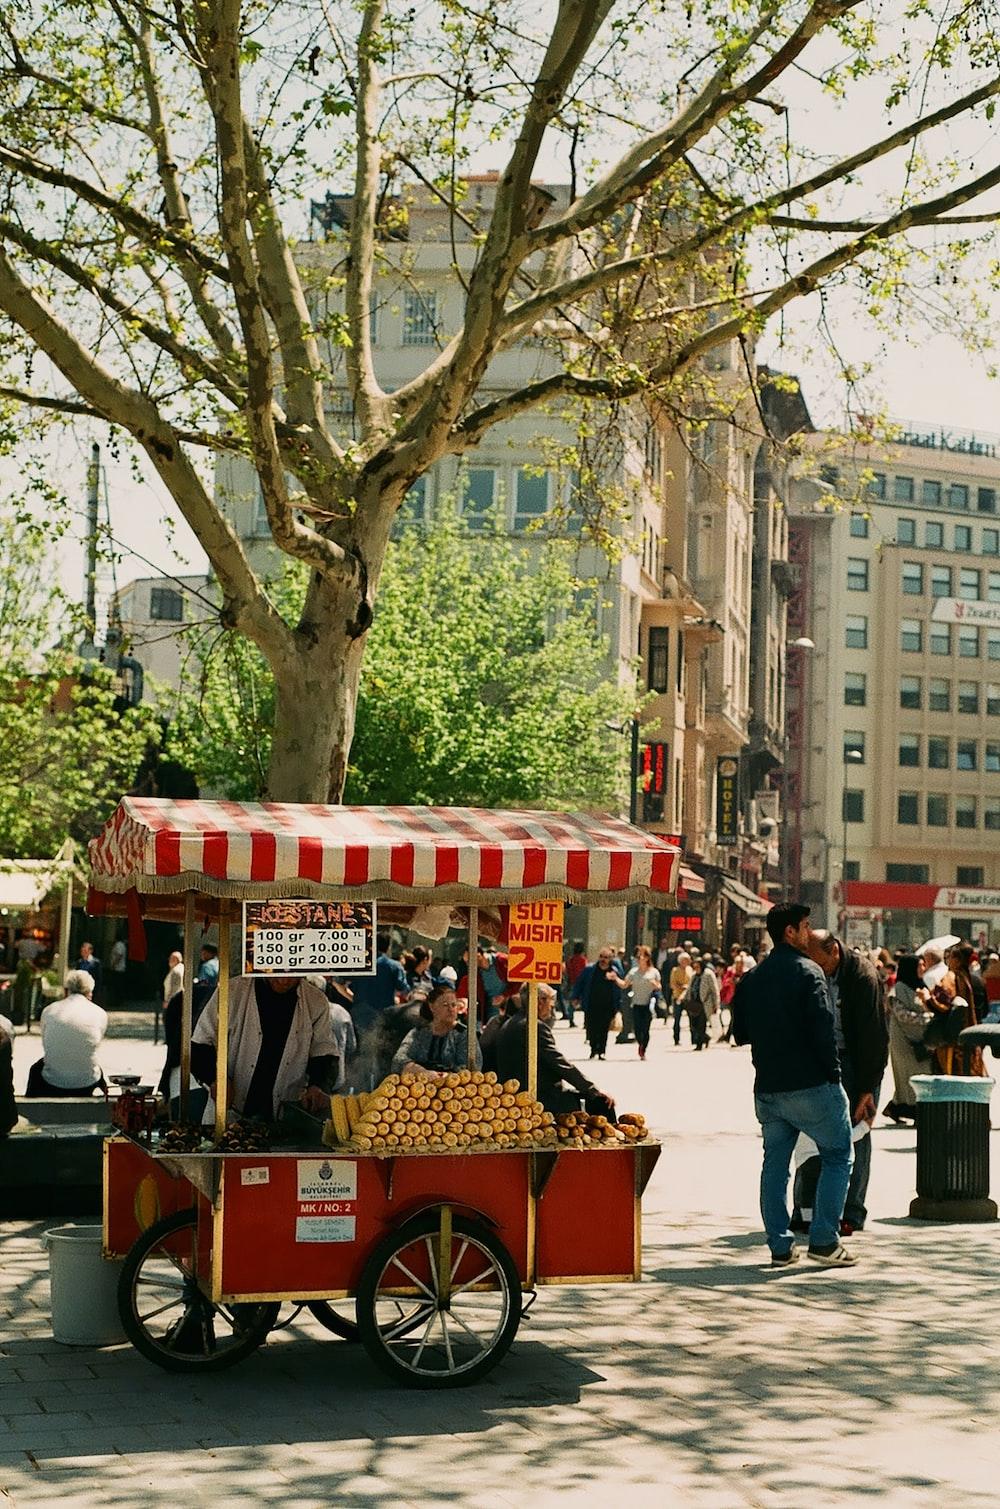 red kiosk beside tree